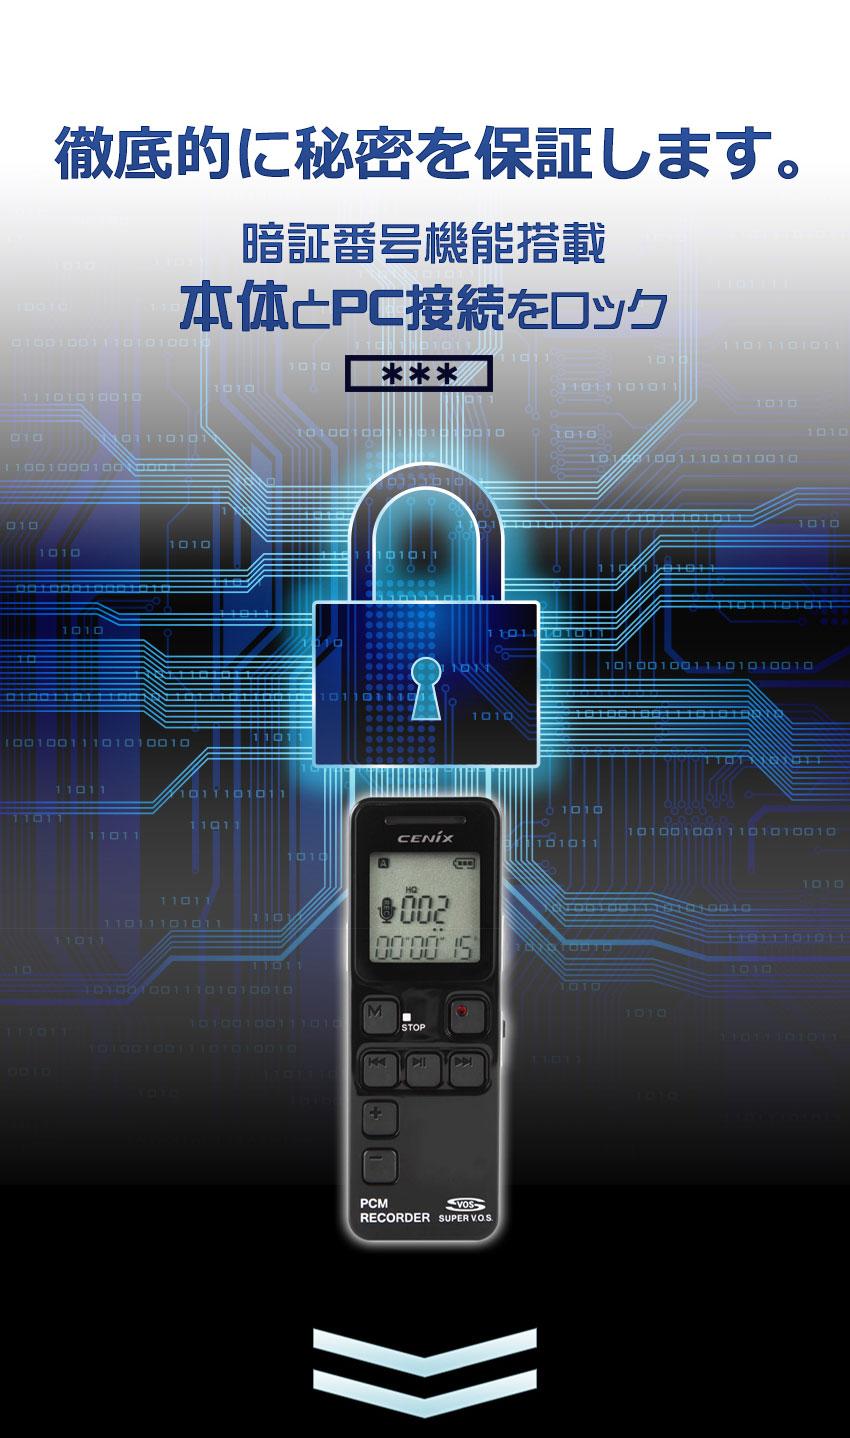 徹底的に秘密を保証。暗証番号機能搭載。仕掛け録音ボイスレコーダー 8GB | TOP-10